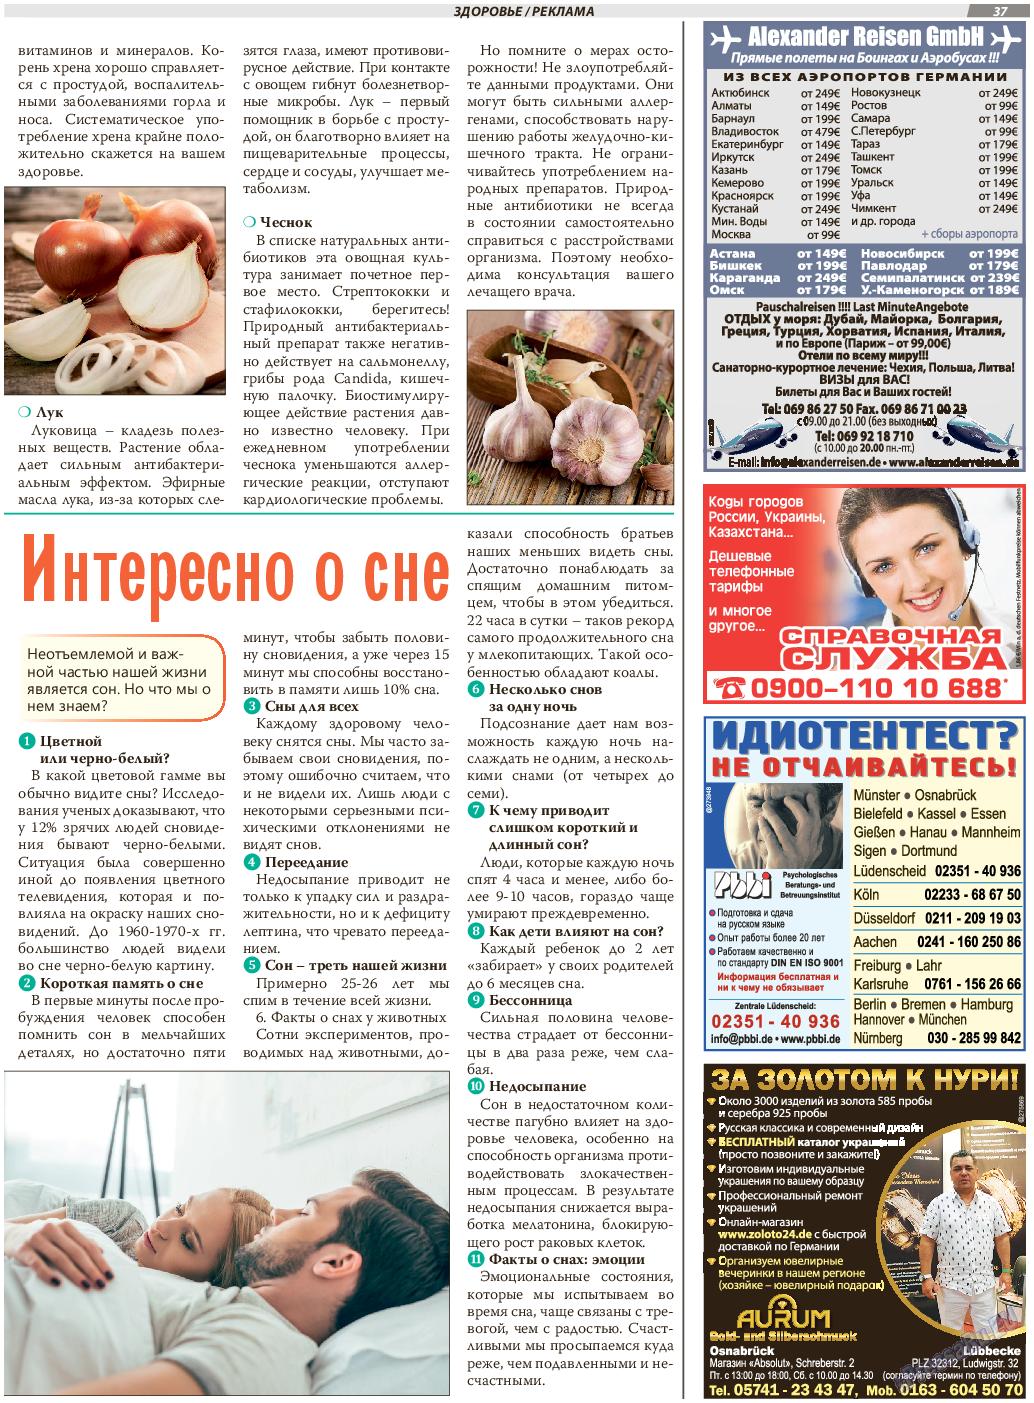 TVrus (газета). 2019 год, номер 35, стр. 37